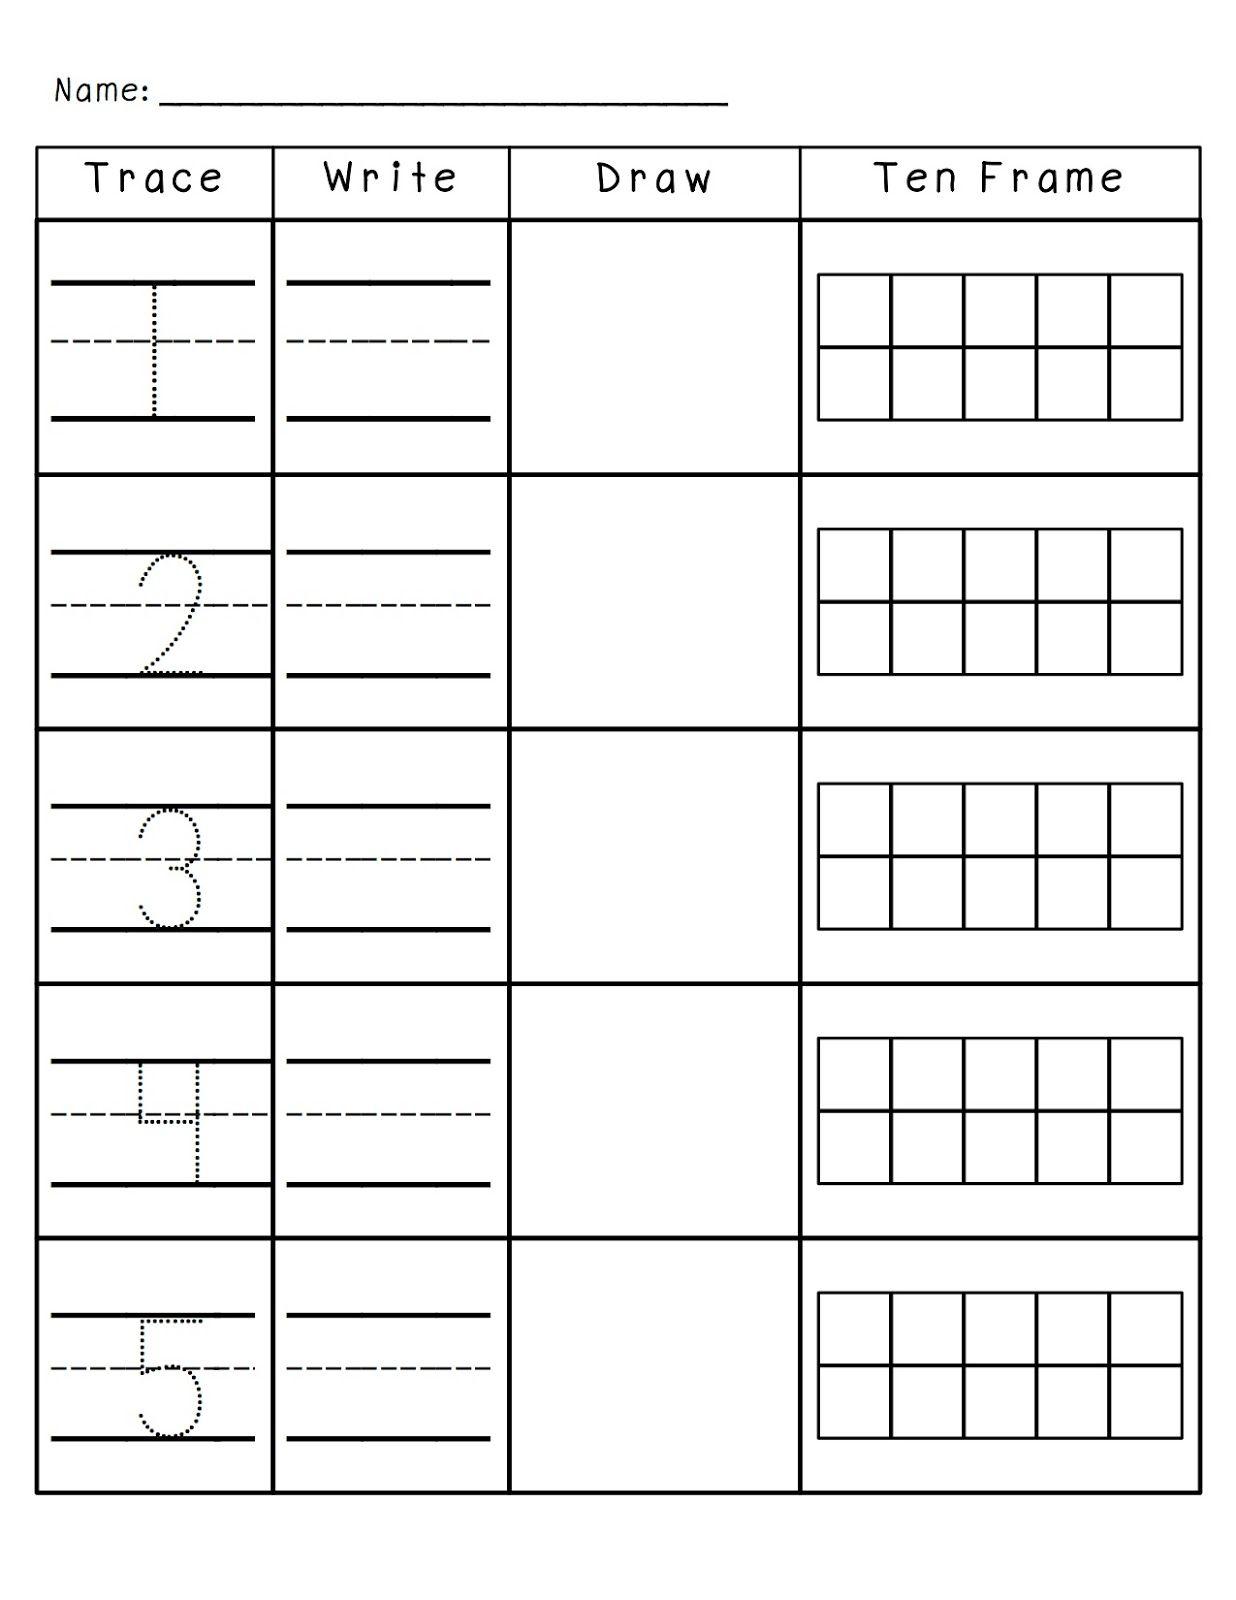 Frame Games Printable Worksheets